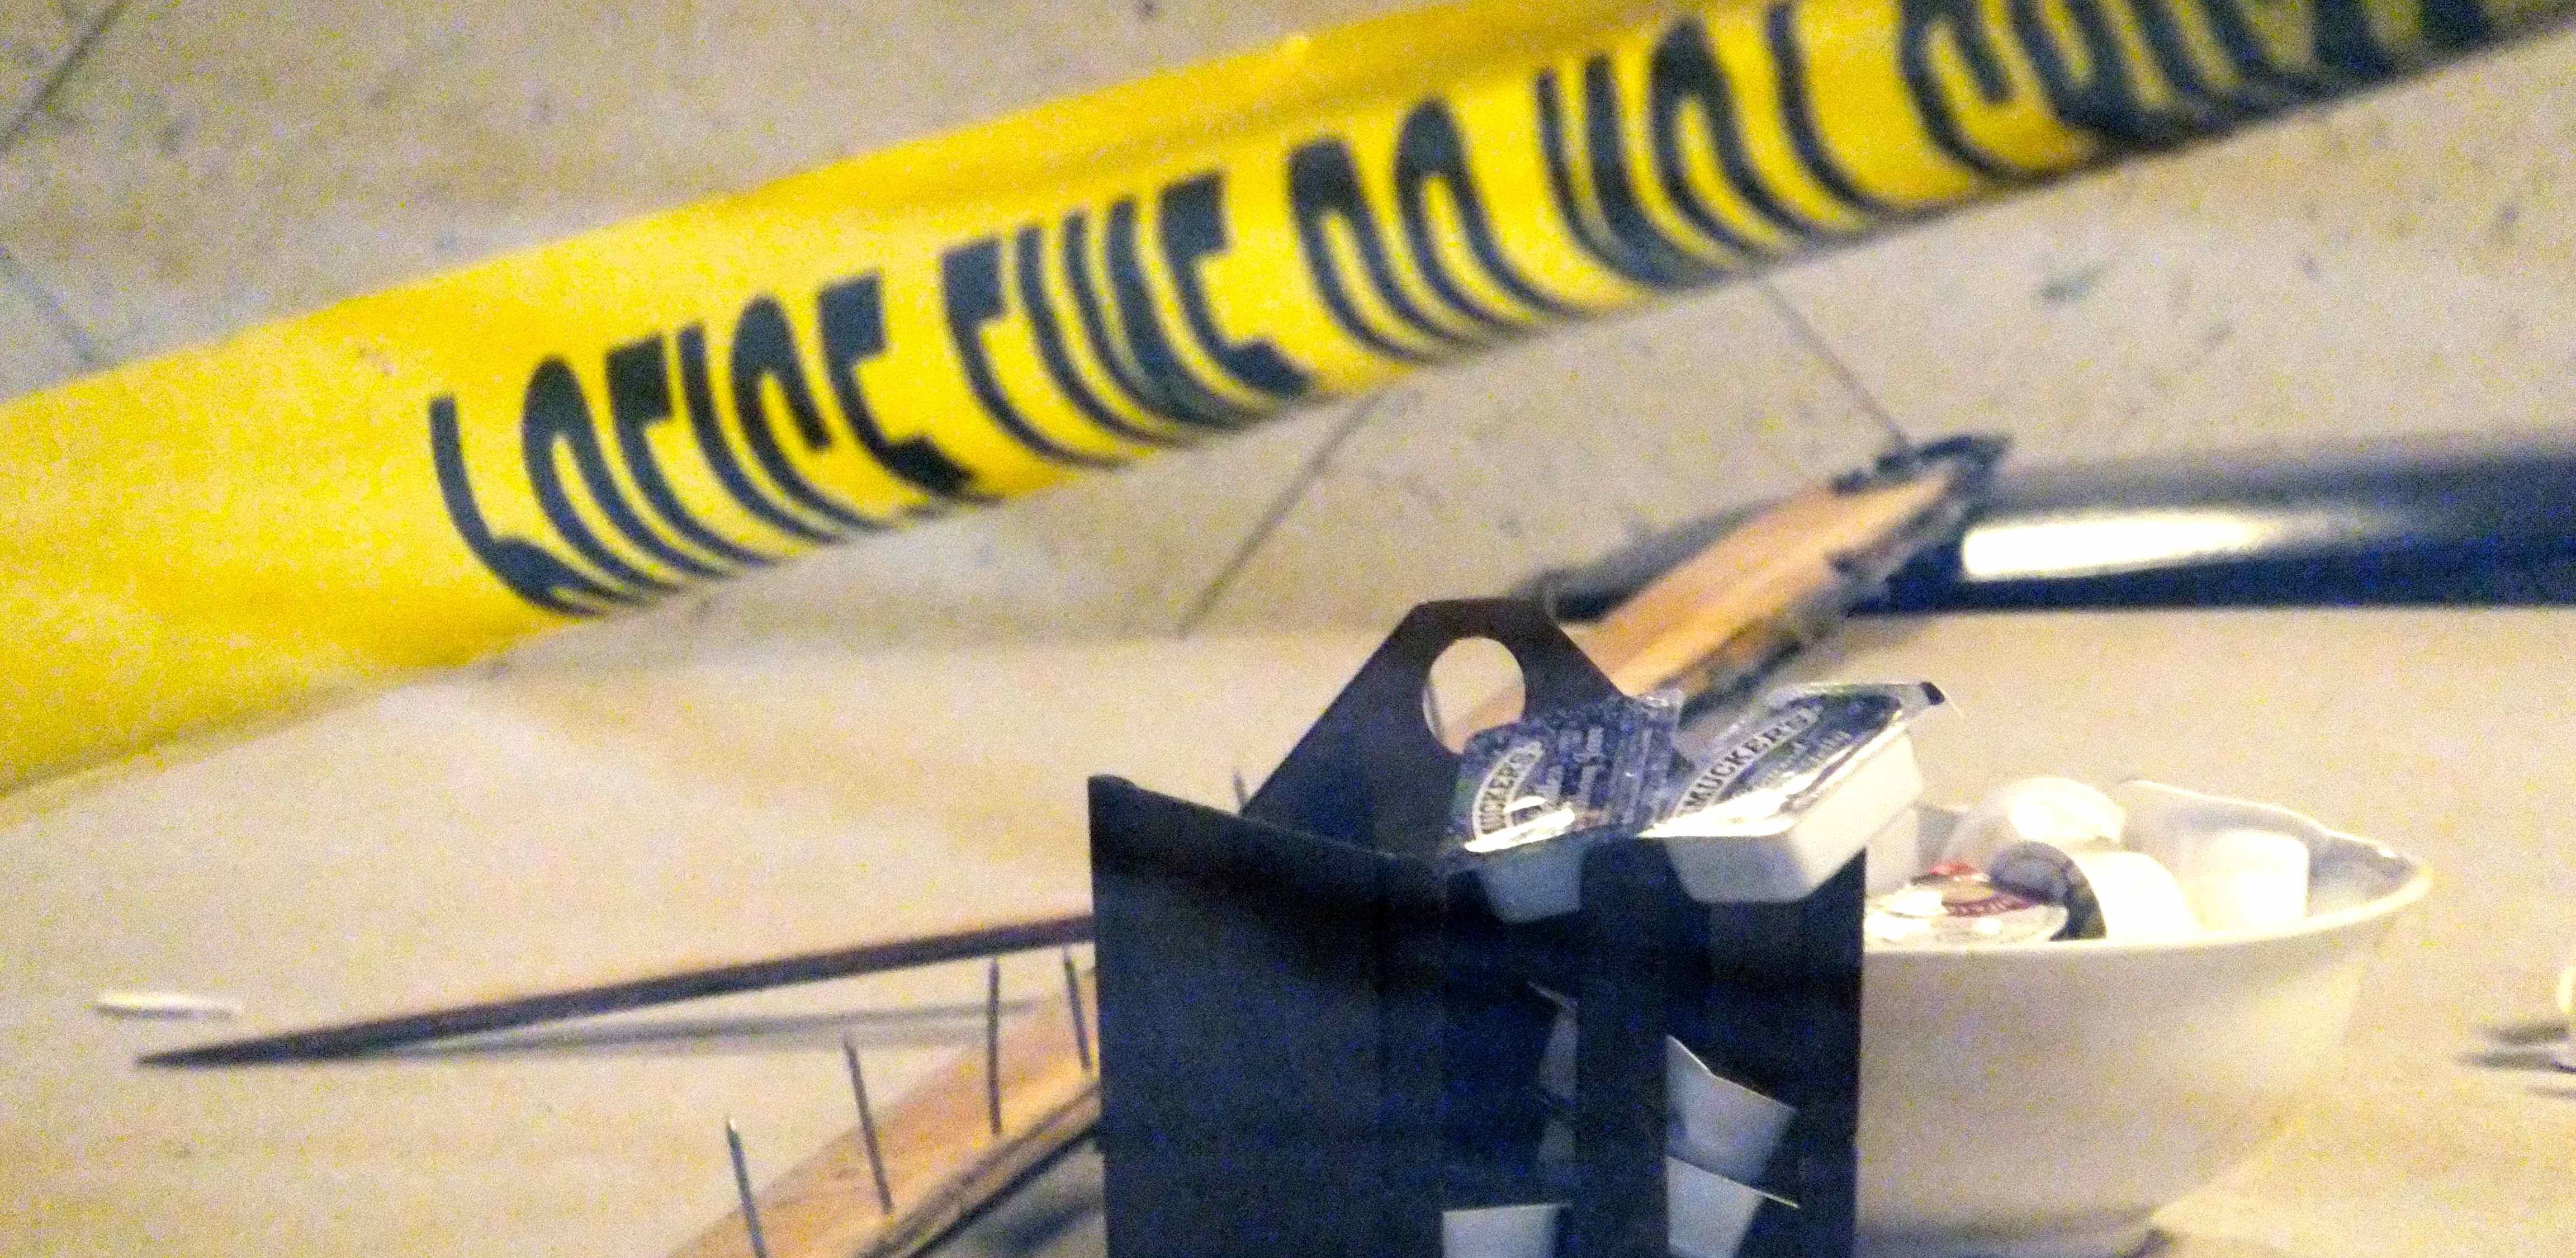 Woman Dies in Diner Crash